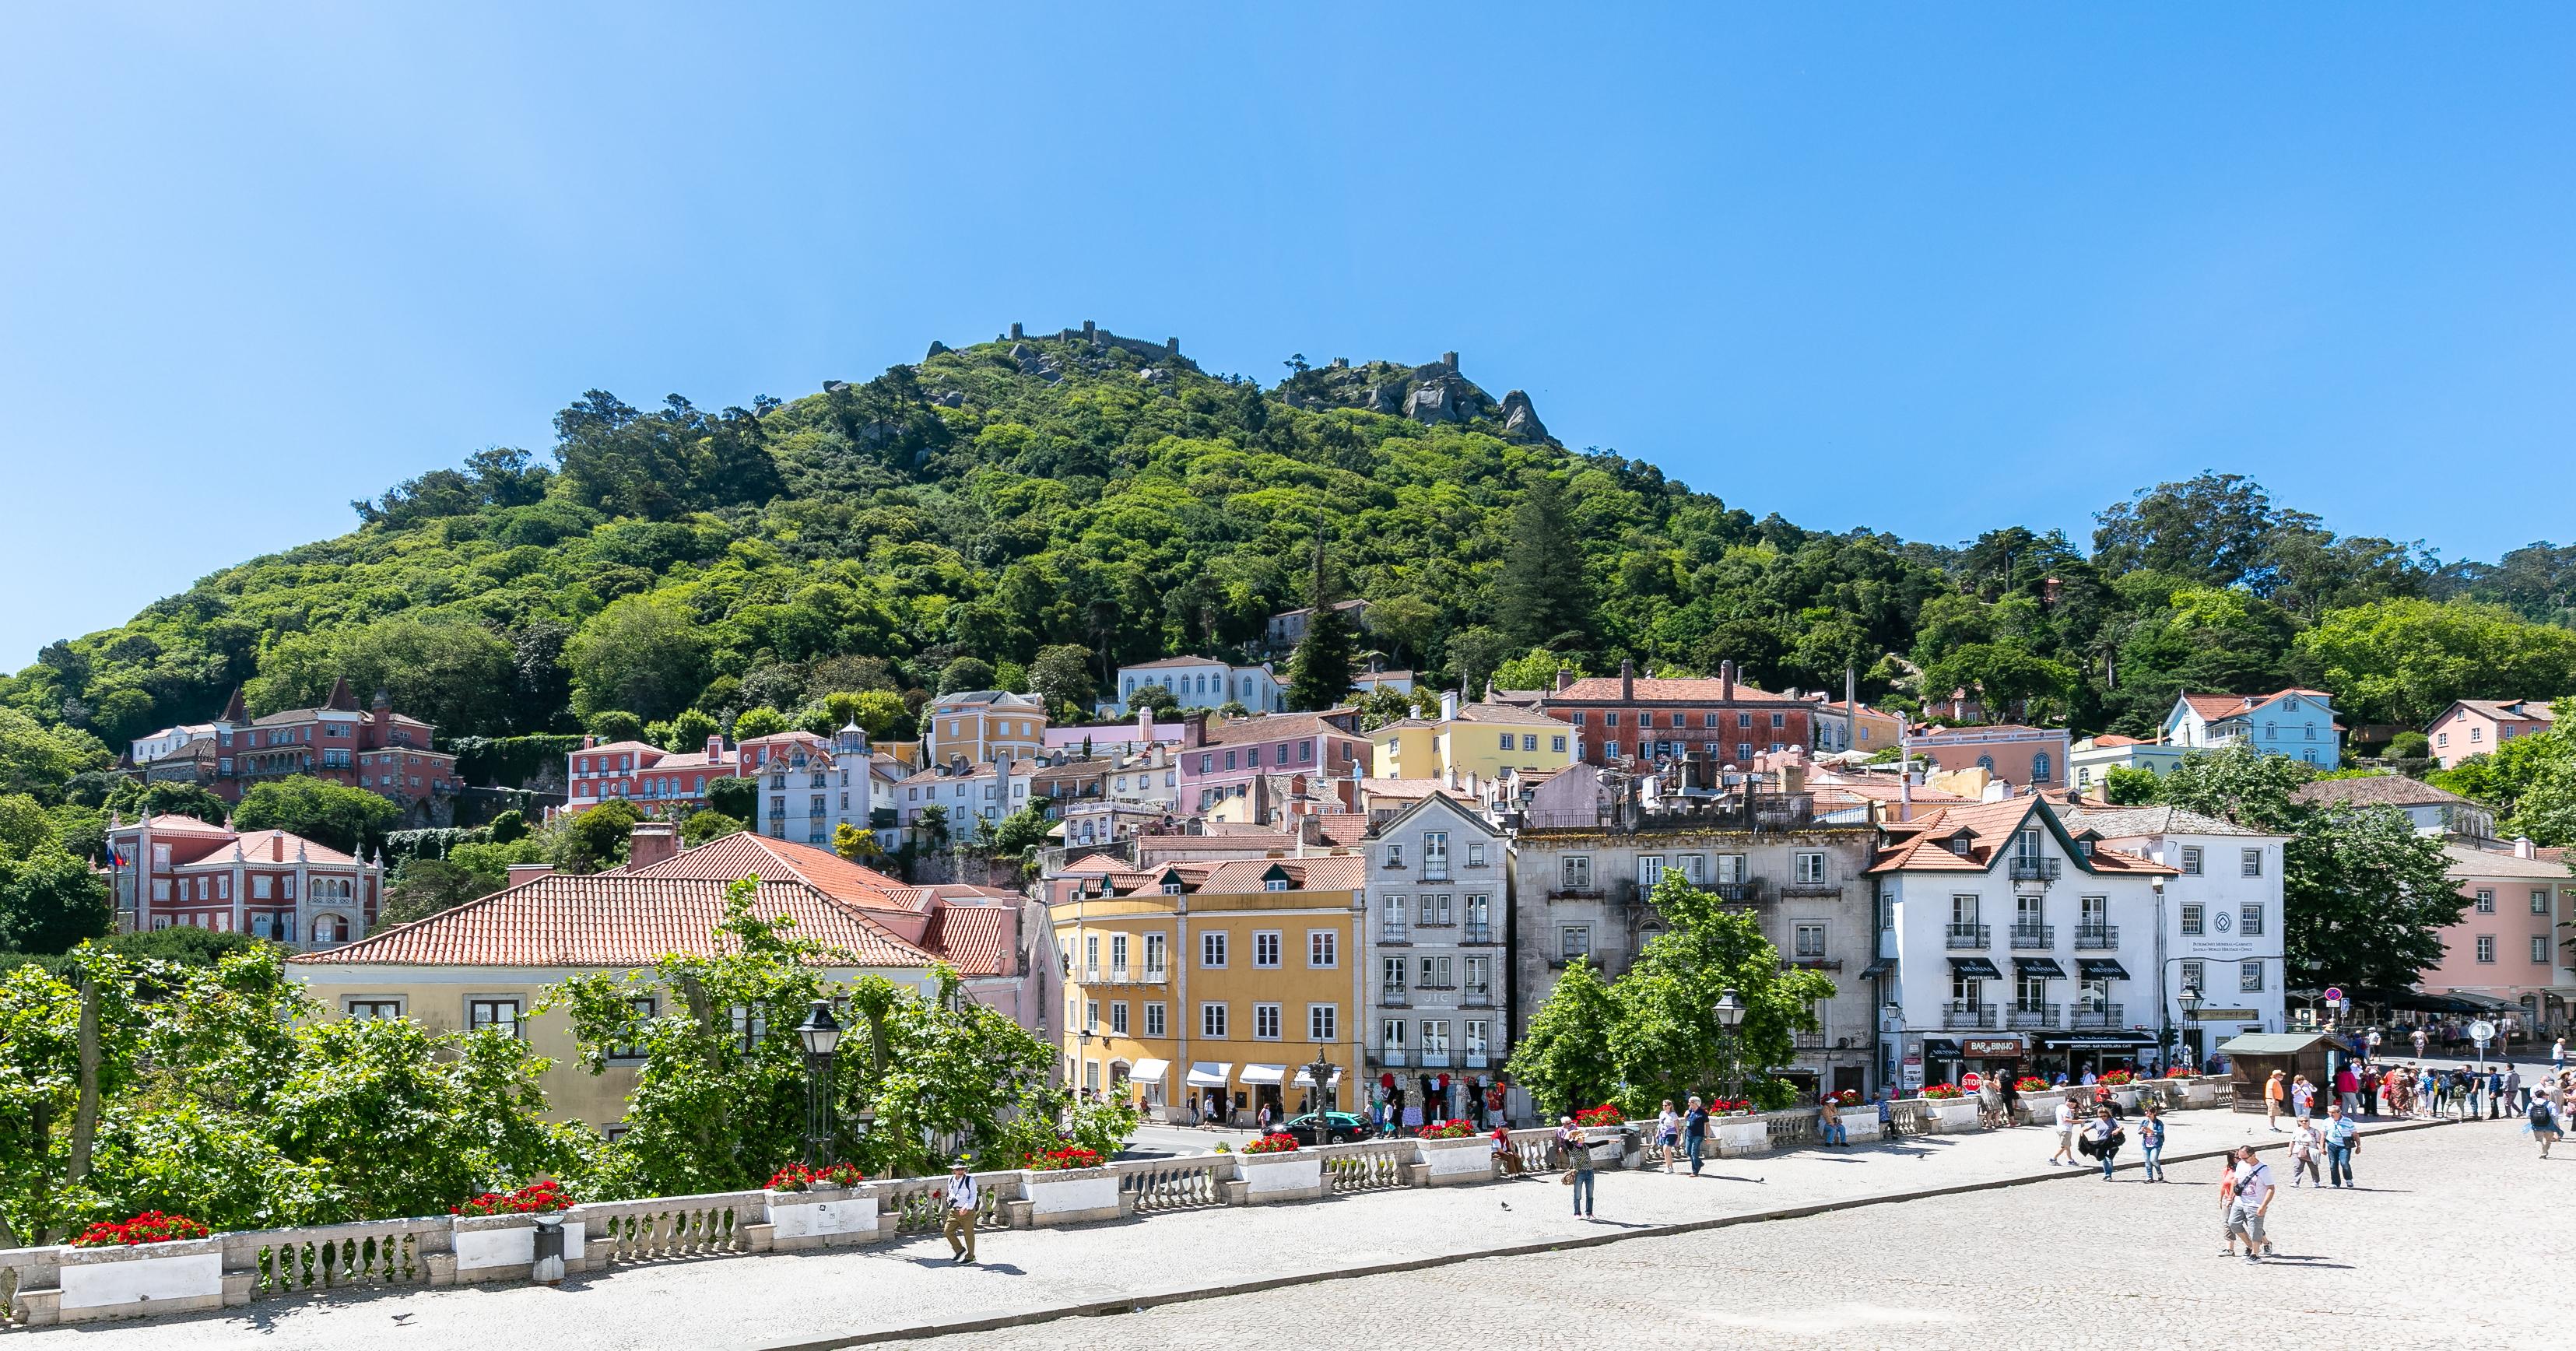 Obra insere-se napaisagem cultural de Sintra, classificada como Património Mundial da Humanidade pela UNESCO. / Wikimedia commons